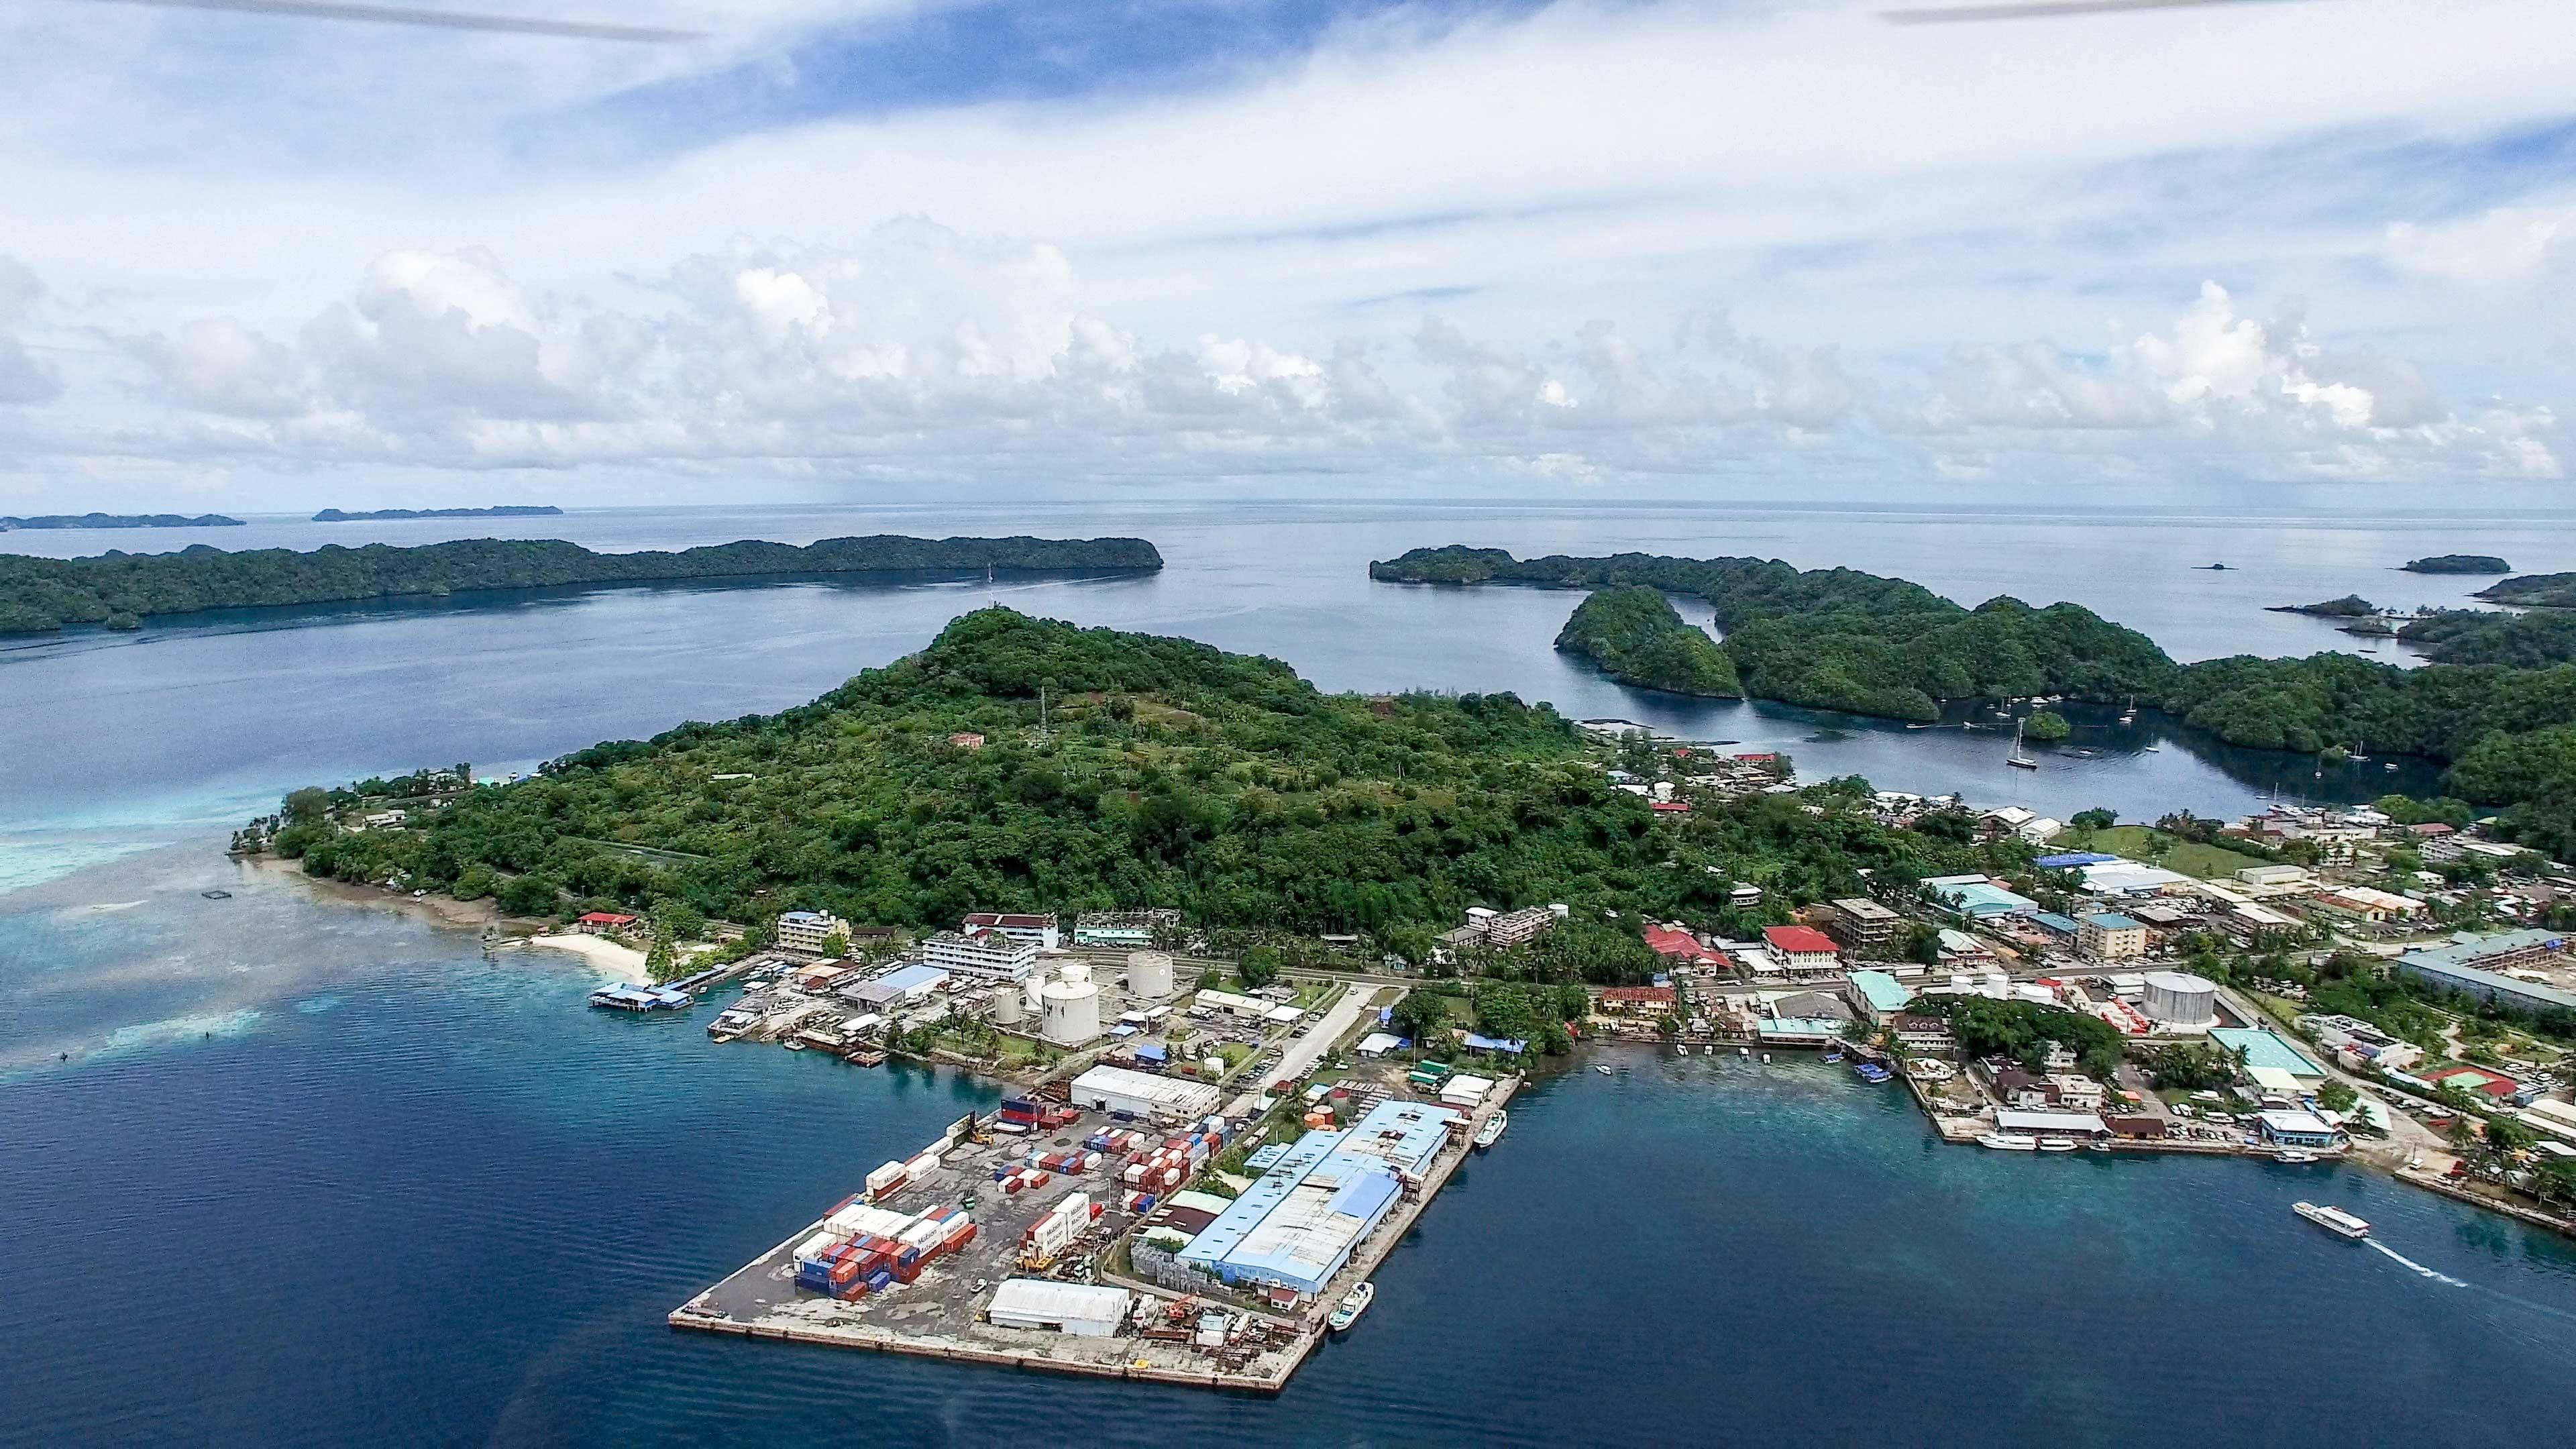 太平洋小岛国帕劳航拍视频(视频已经上传)